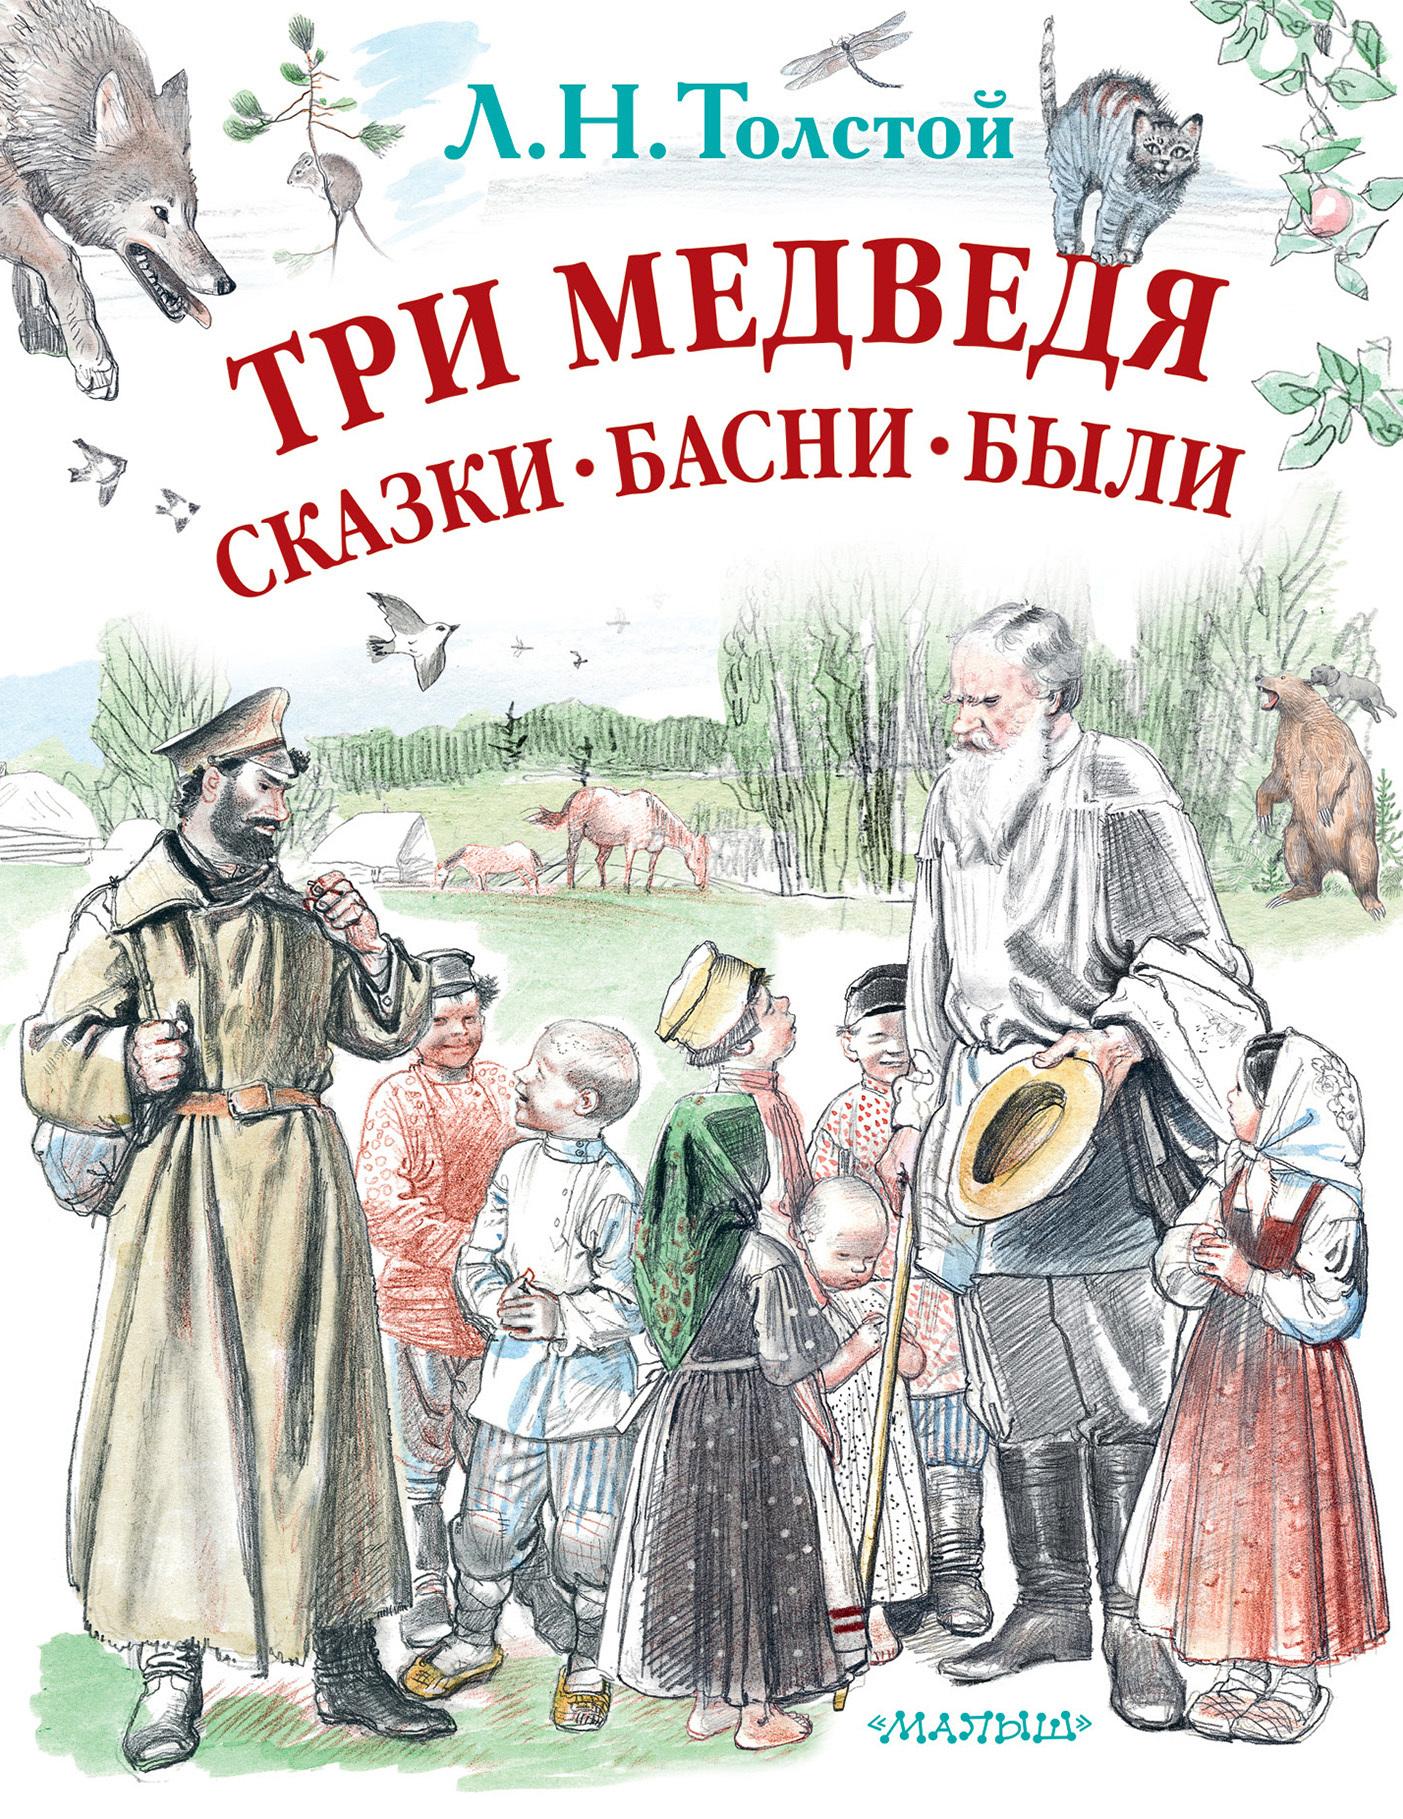 Лев Толстой Три медведя. Сказки, басни, были (сборник) азбукварик три медведя и другие сказки